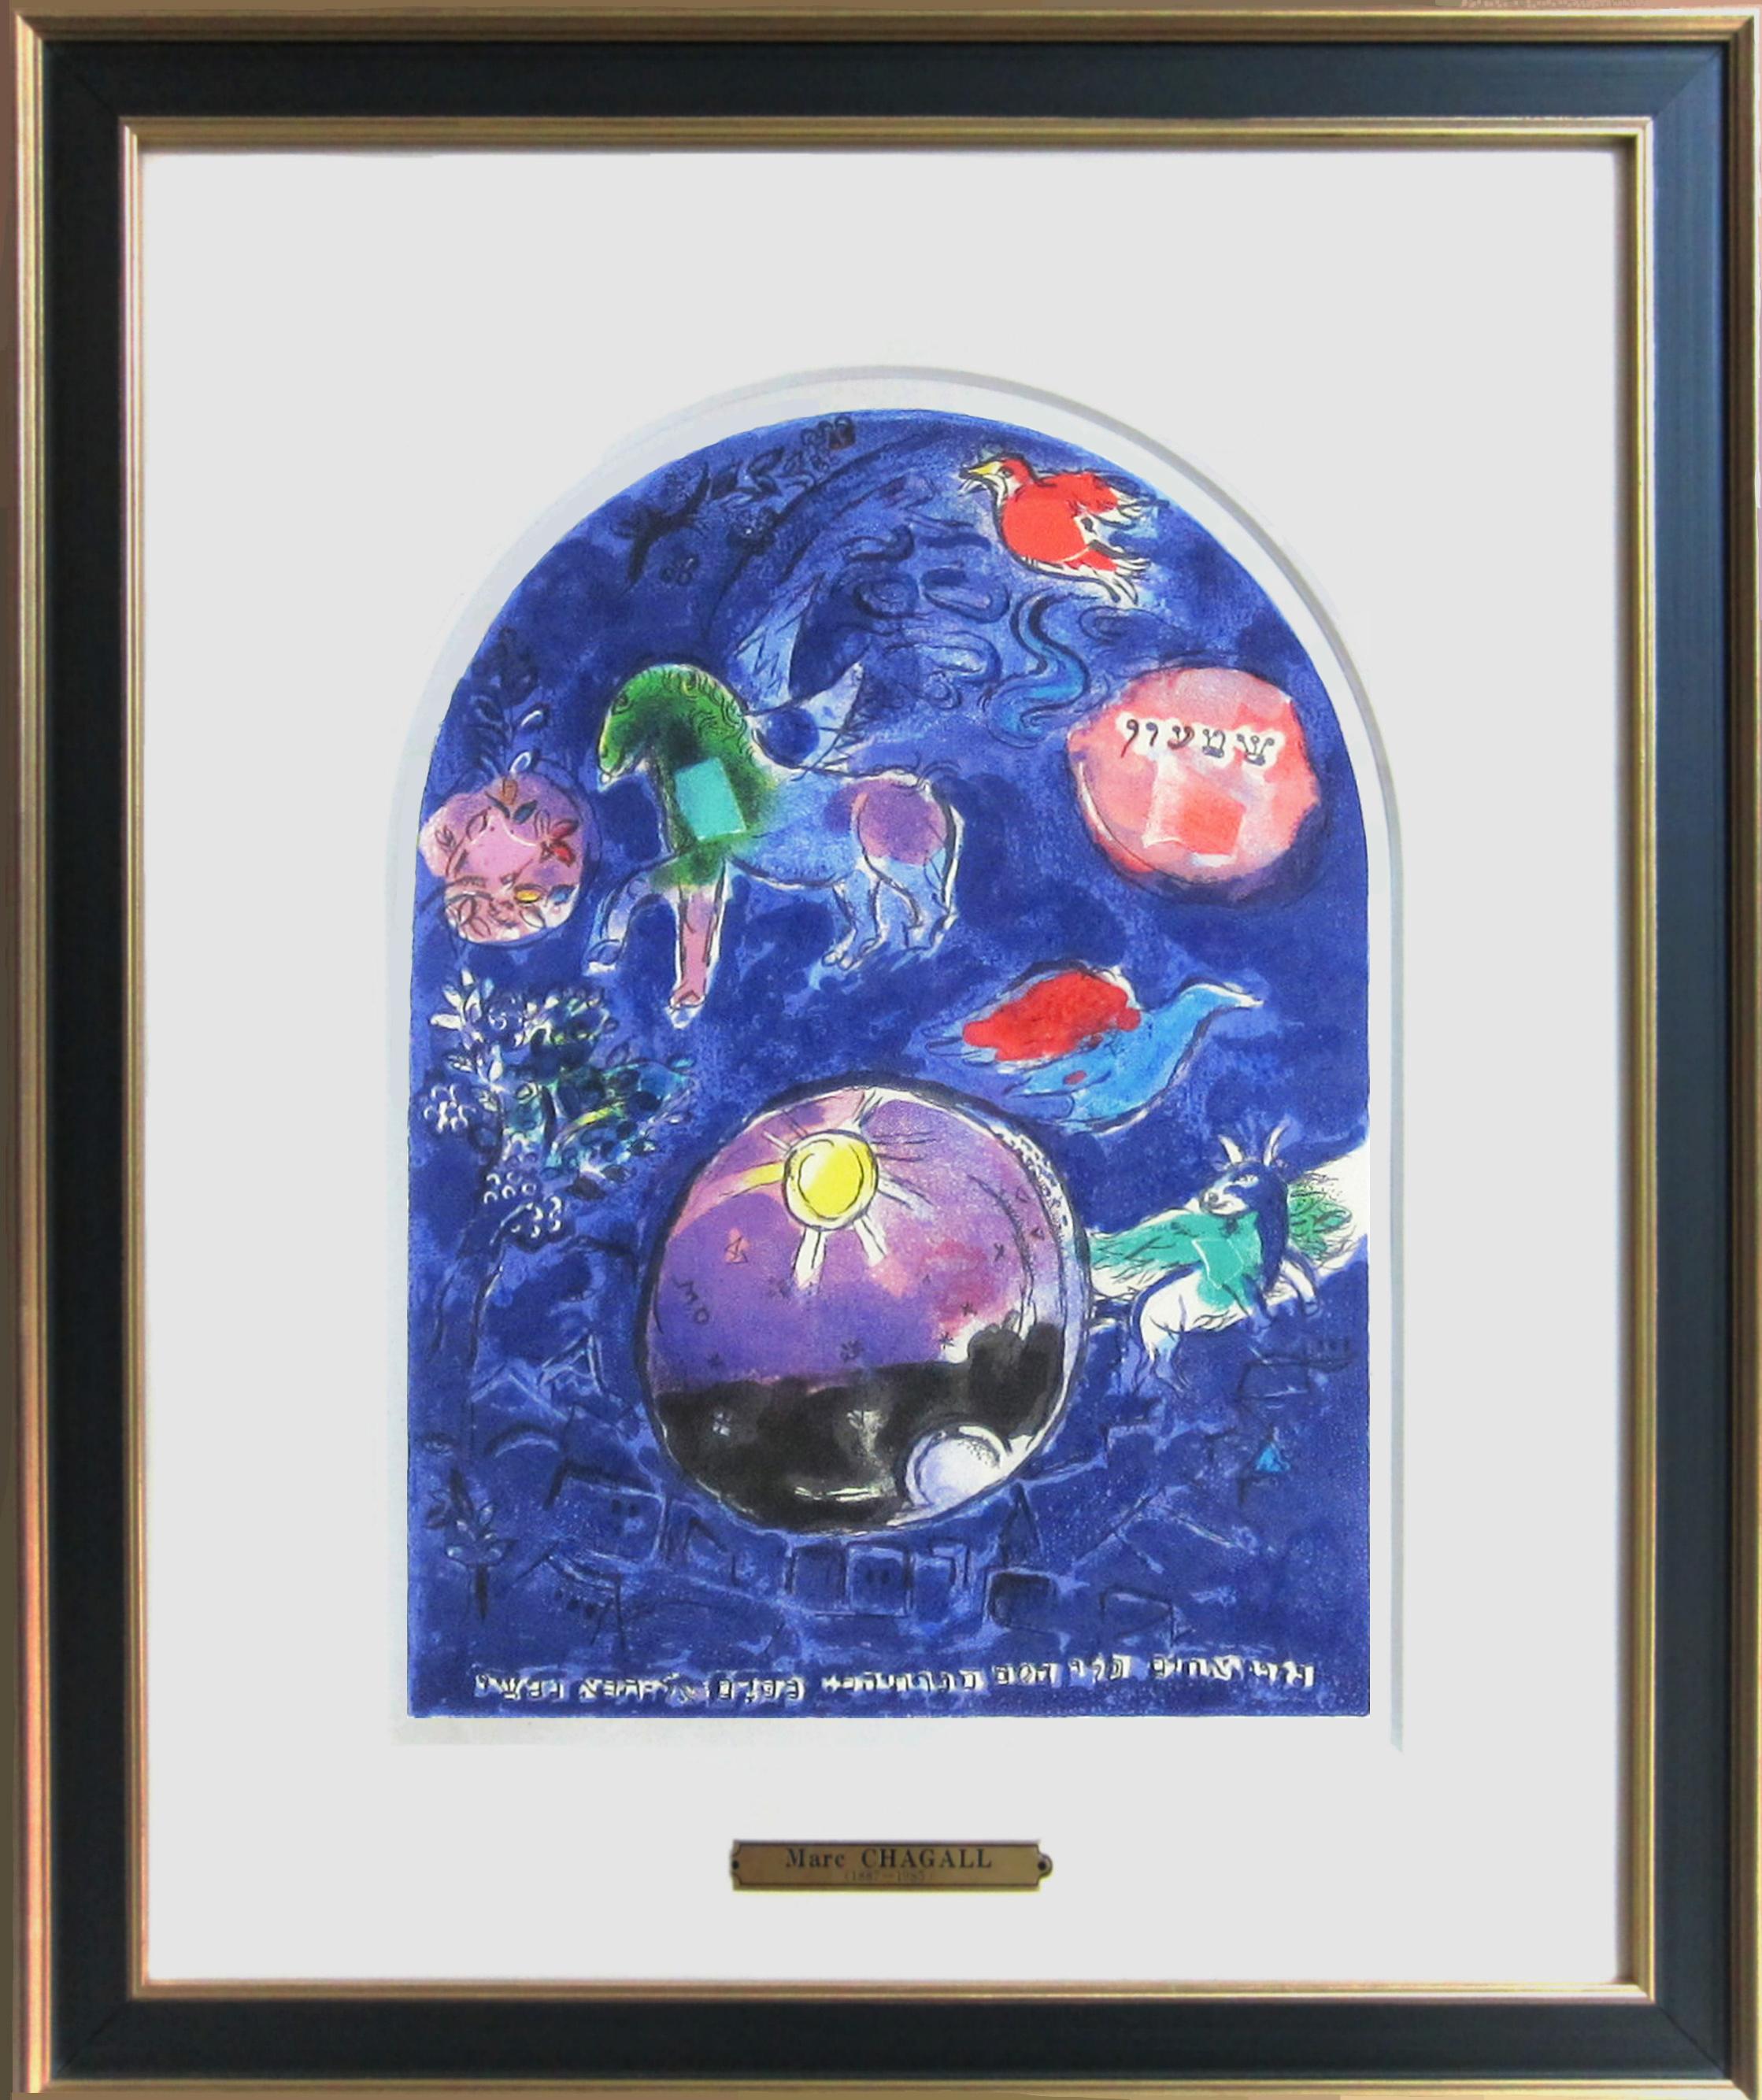 シャガール「シメオン族」エルサレムウィンドウ・1962年・リトグラフ額寸447×398mm